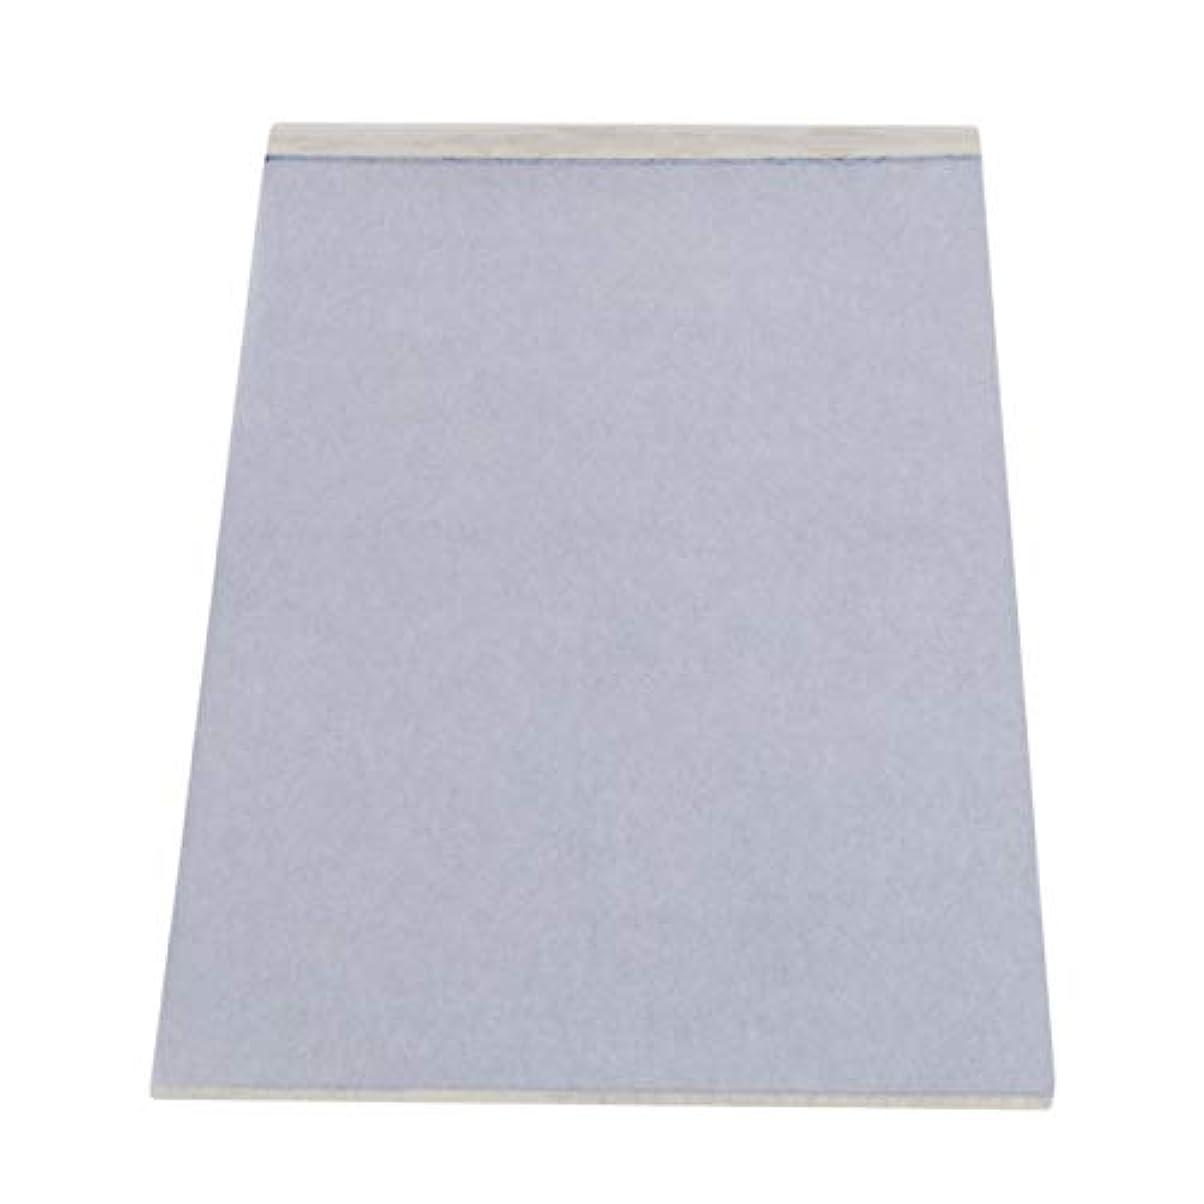 アニメーション日食良心的Bigsweety タトゥー 転写用紙 5枚セット ブルー1パック(50枚)タトゥー転写紙 プロのタトゥーツール